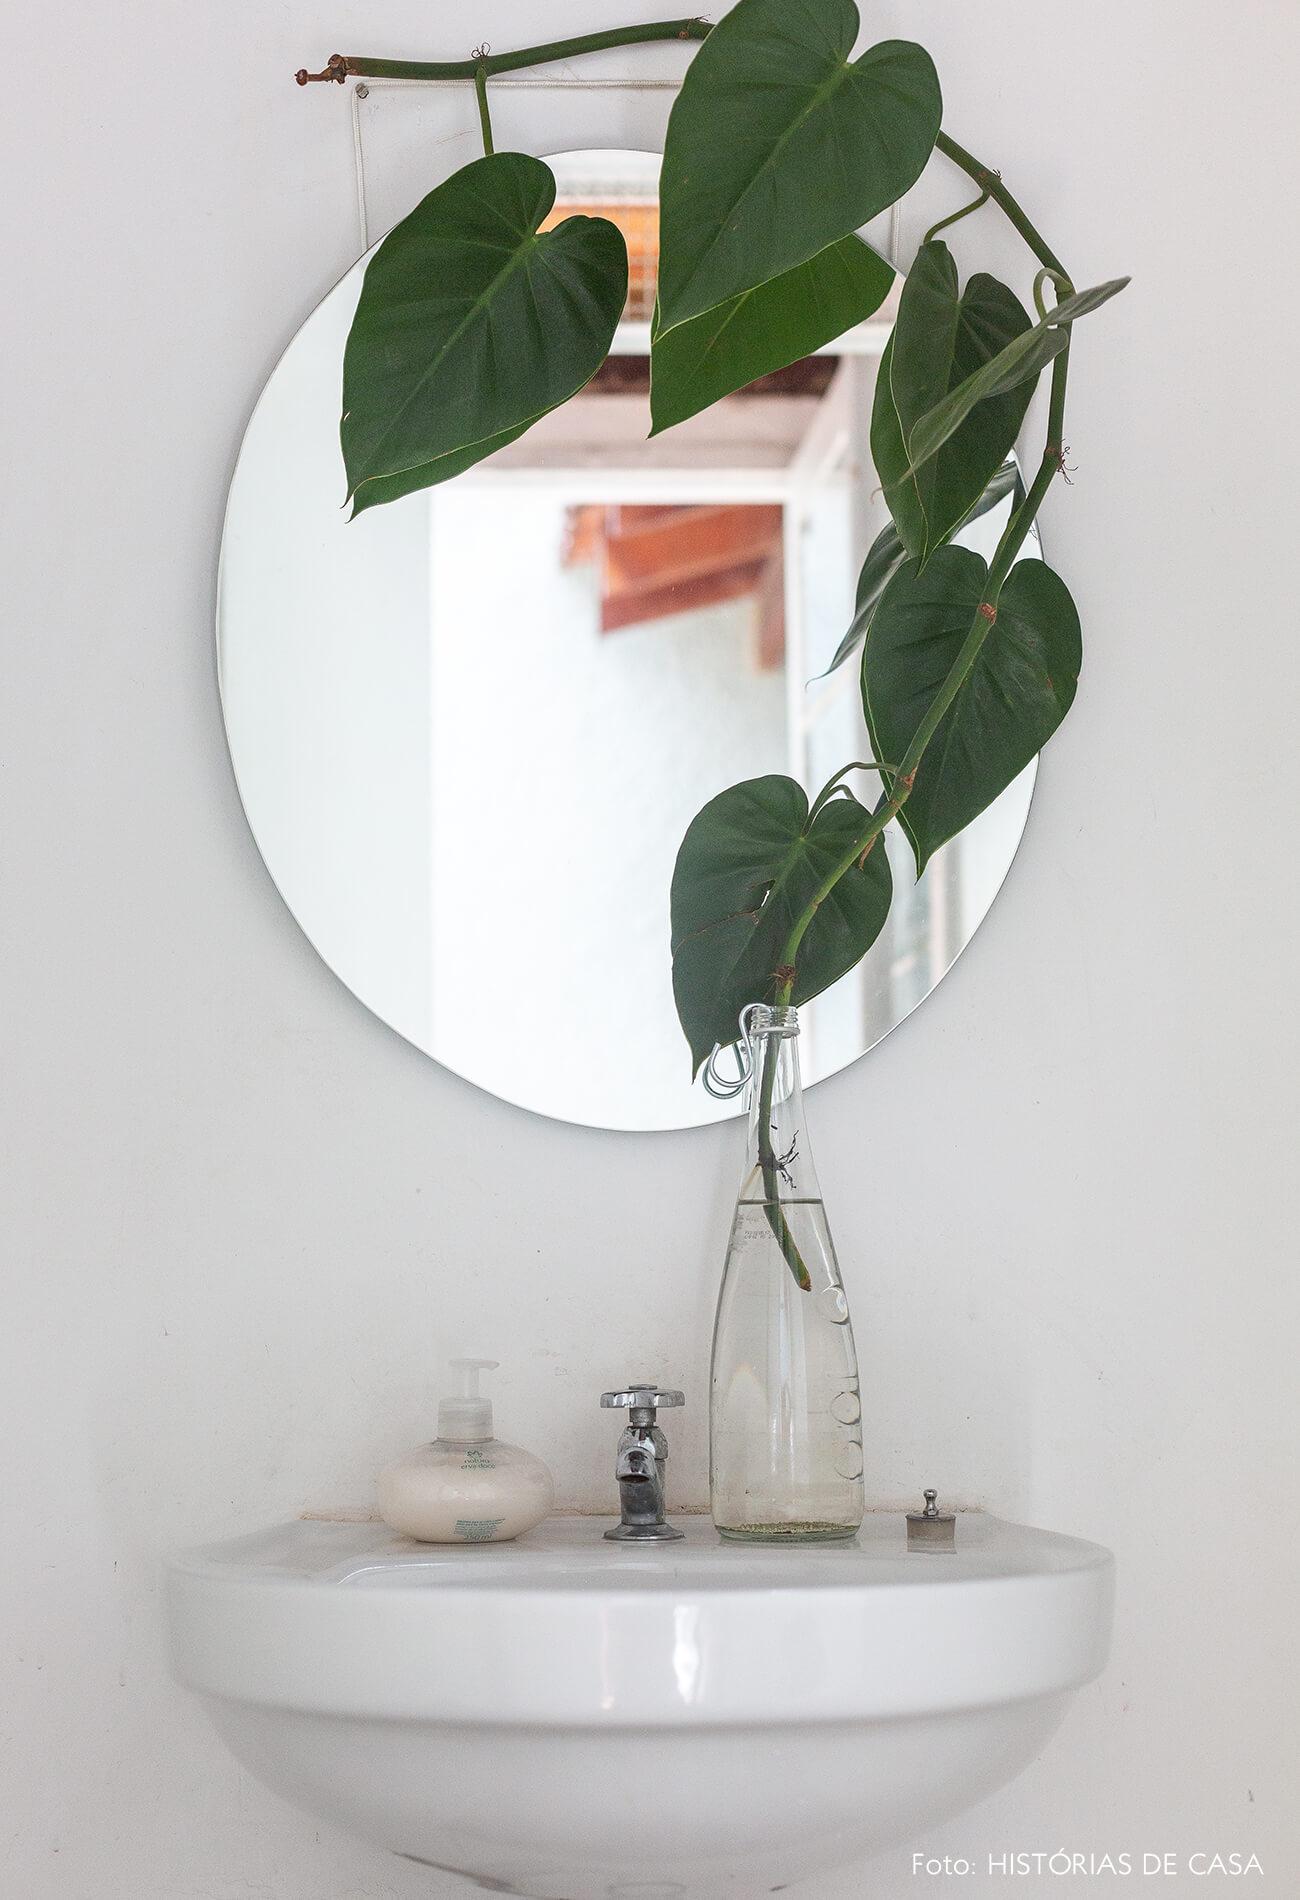 Banheiro com espelho redondo e plantas na água